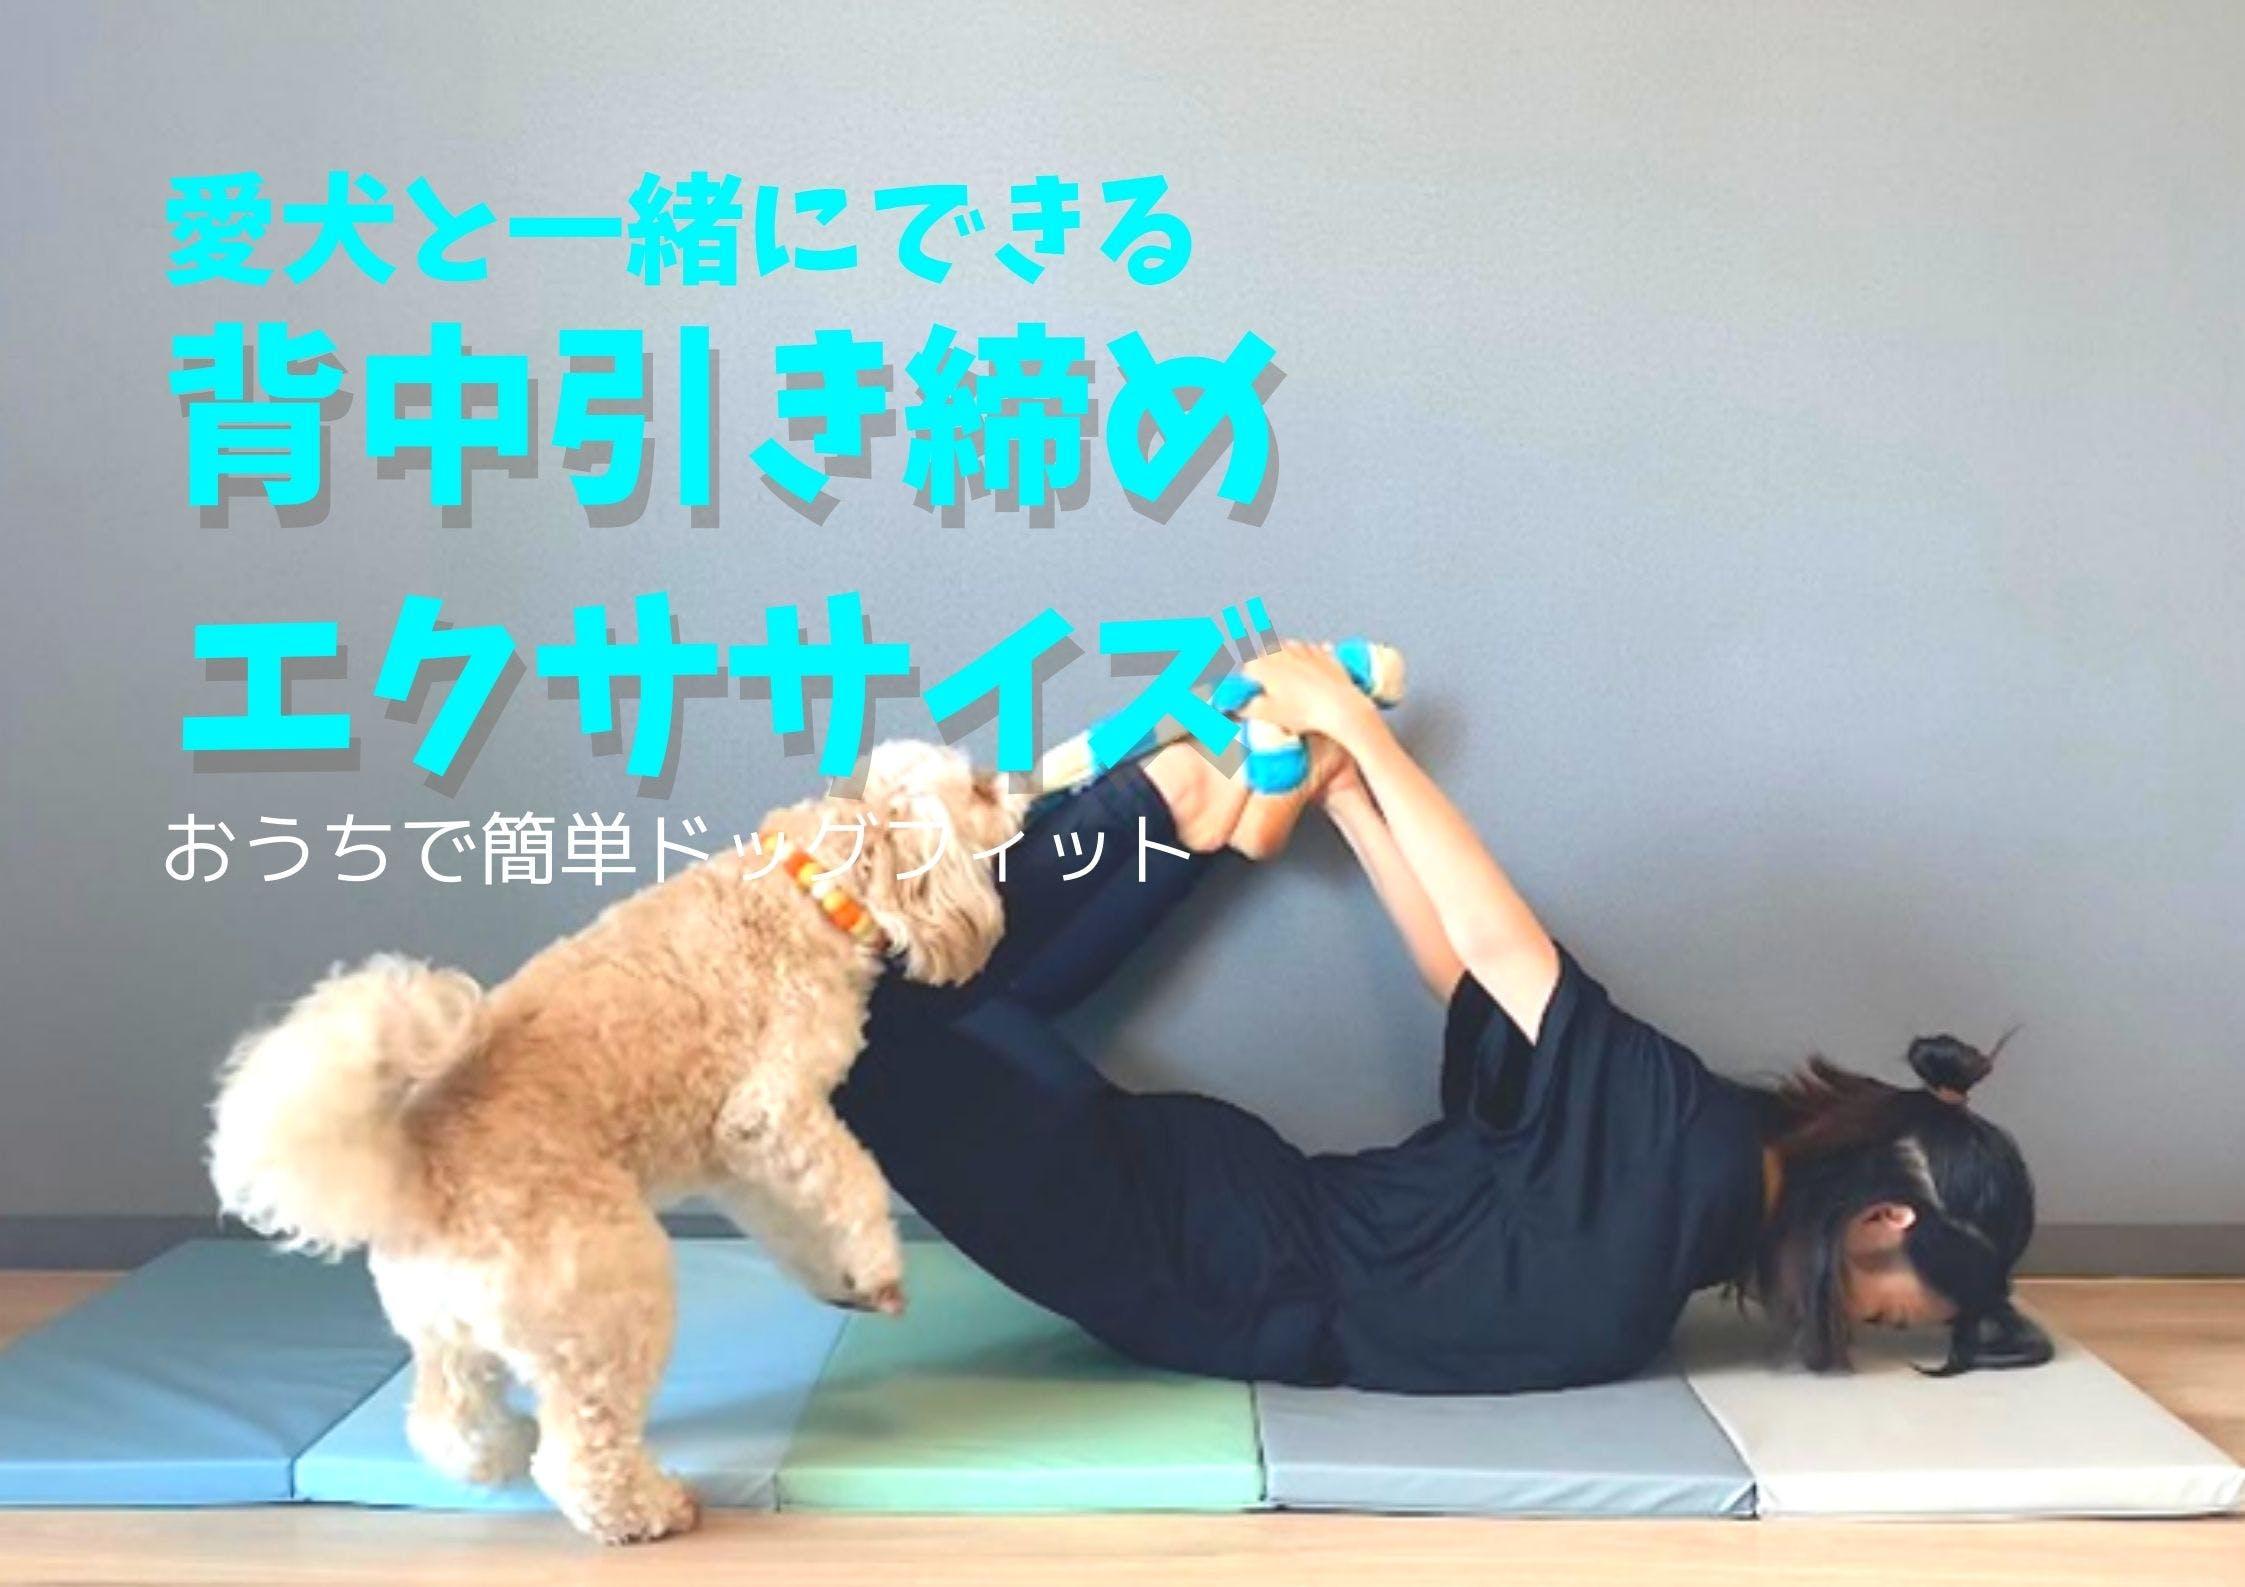 【動画つき】愛犬と背中引き締め♪たったの15分で気分も見た目も肩こりもスッキリする3つのエクササイズ!